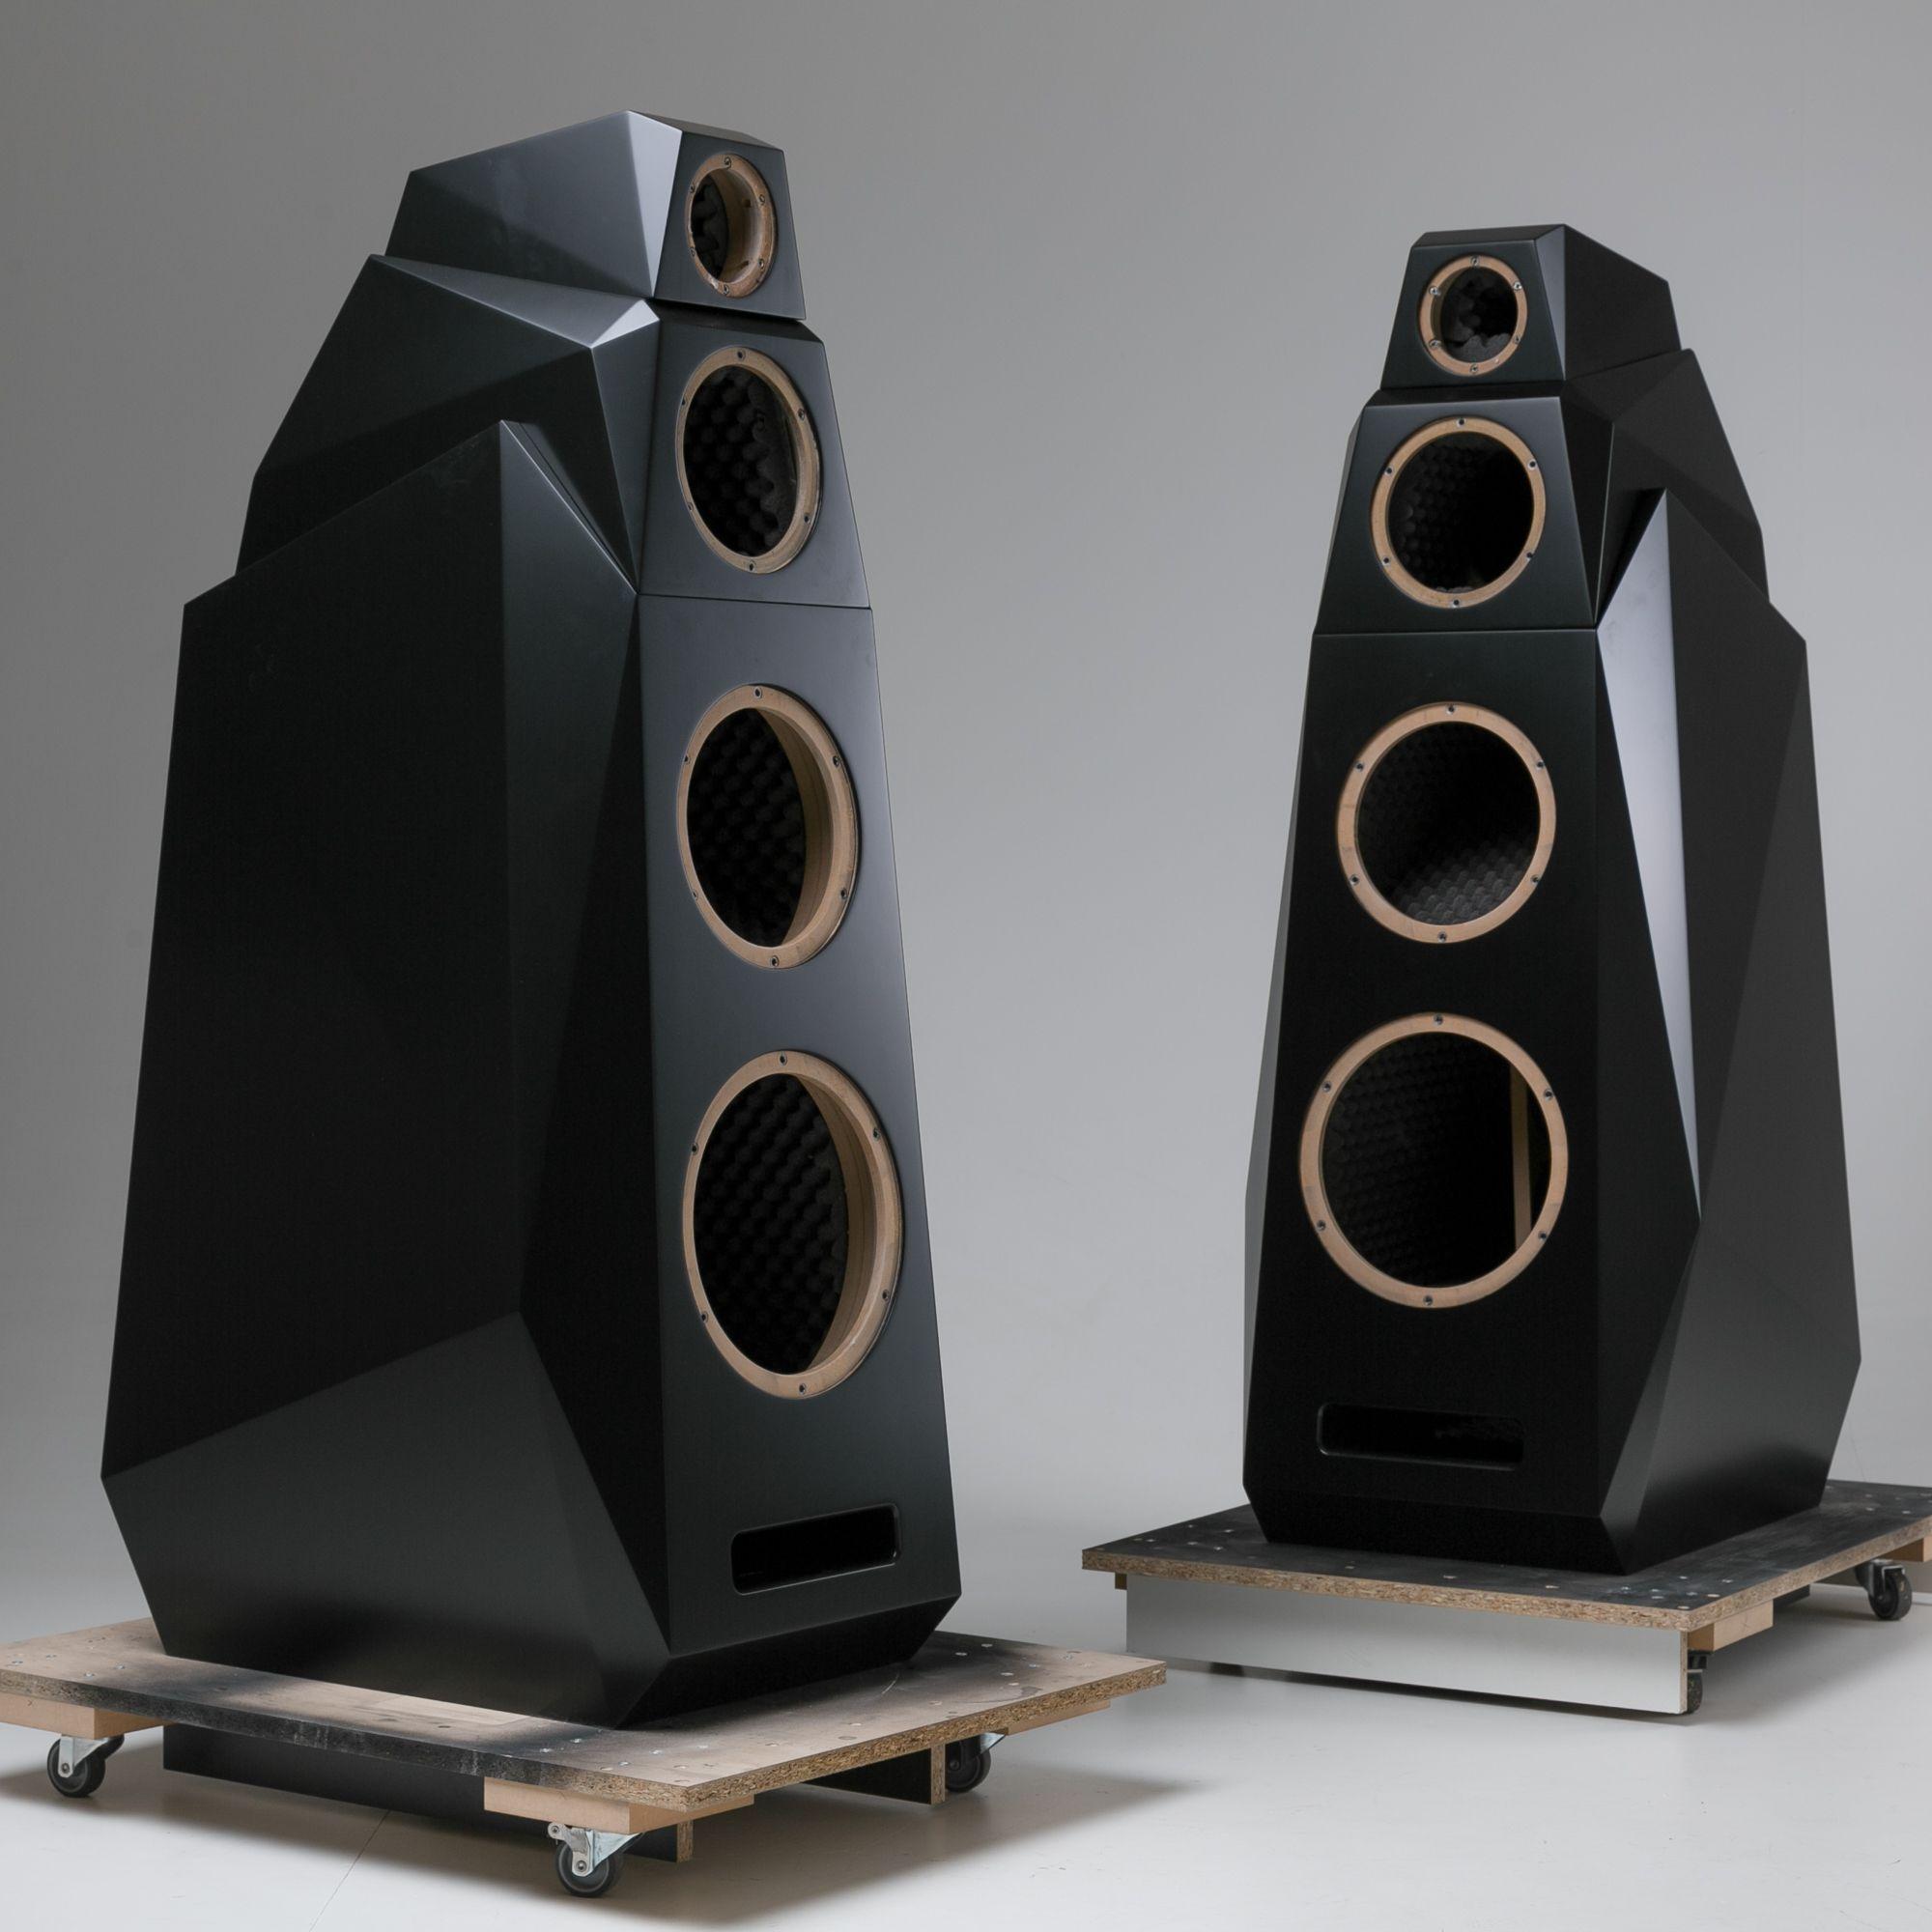 DIY speakers project | Speakers | Pinterest | Diy speakers ...